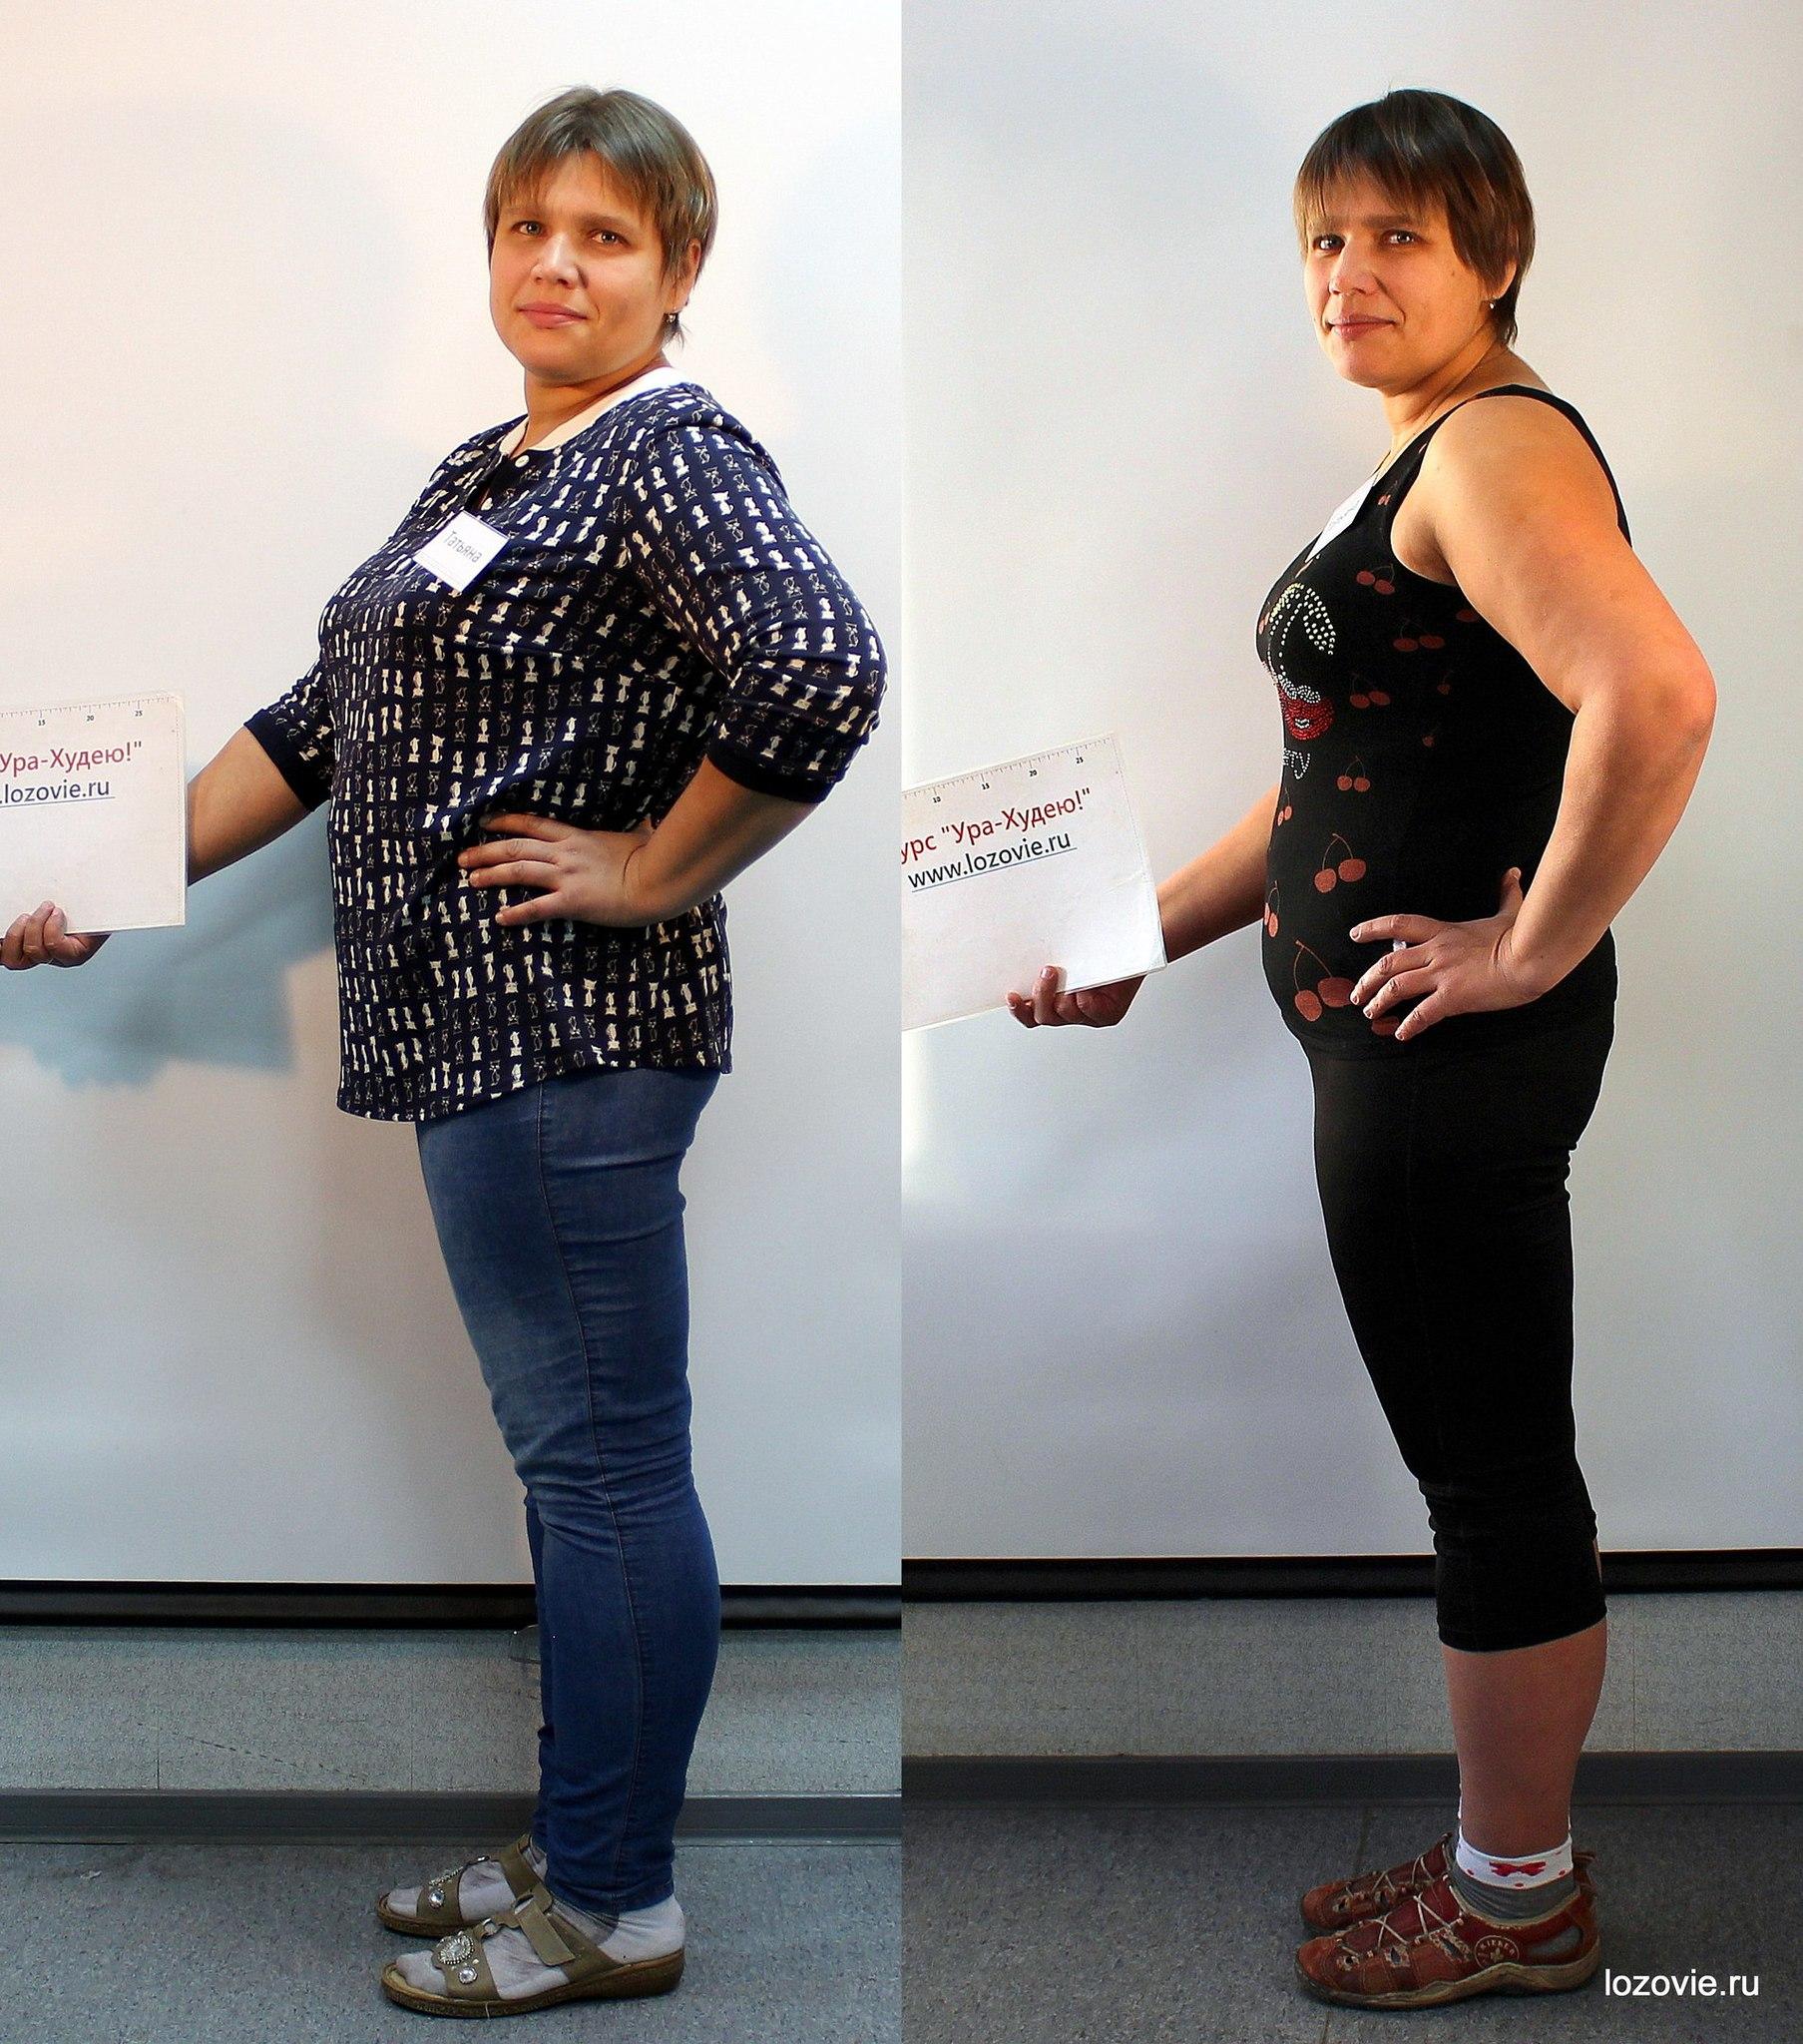 Реальные Методы Похудения Отзывы. Реальный метод похудеть отзывы